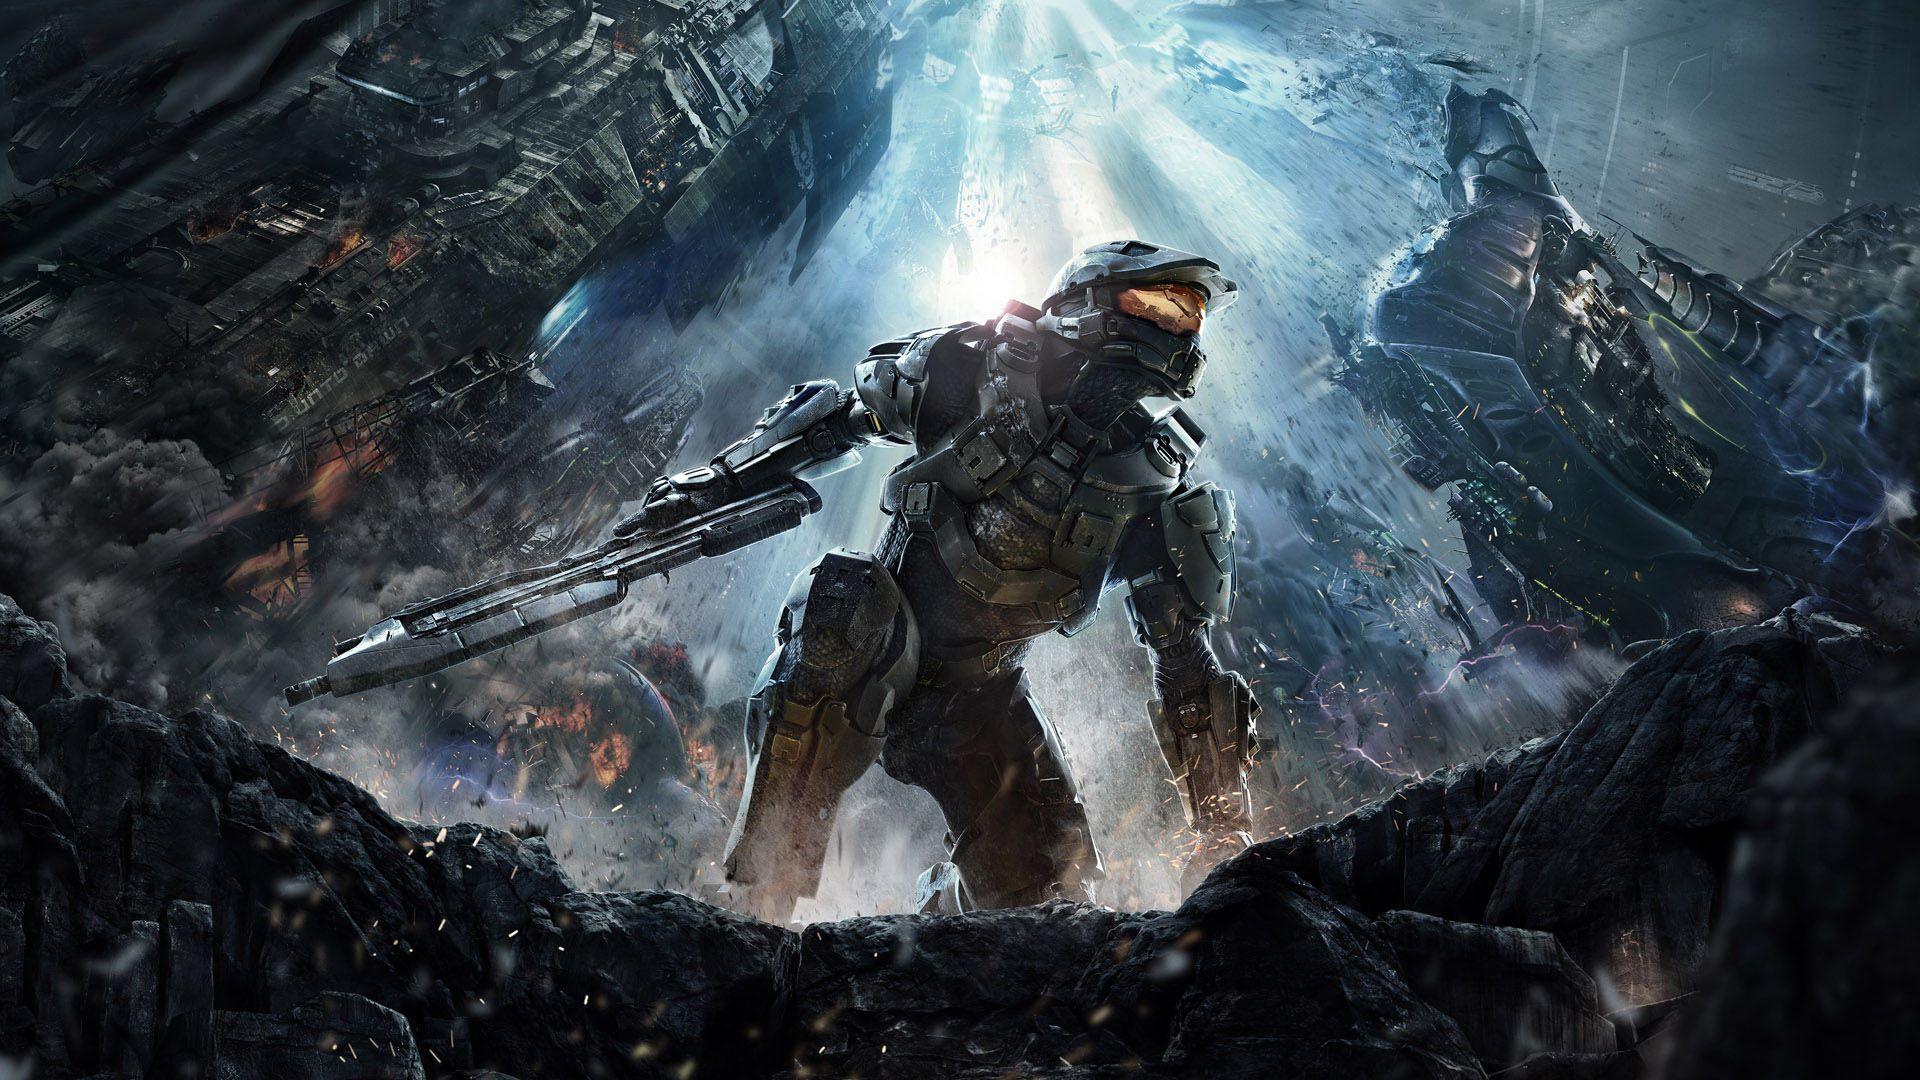 φωτοσυμπαίκτη Halo 4 EP 1 Dating χωρίς μάσκες